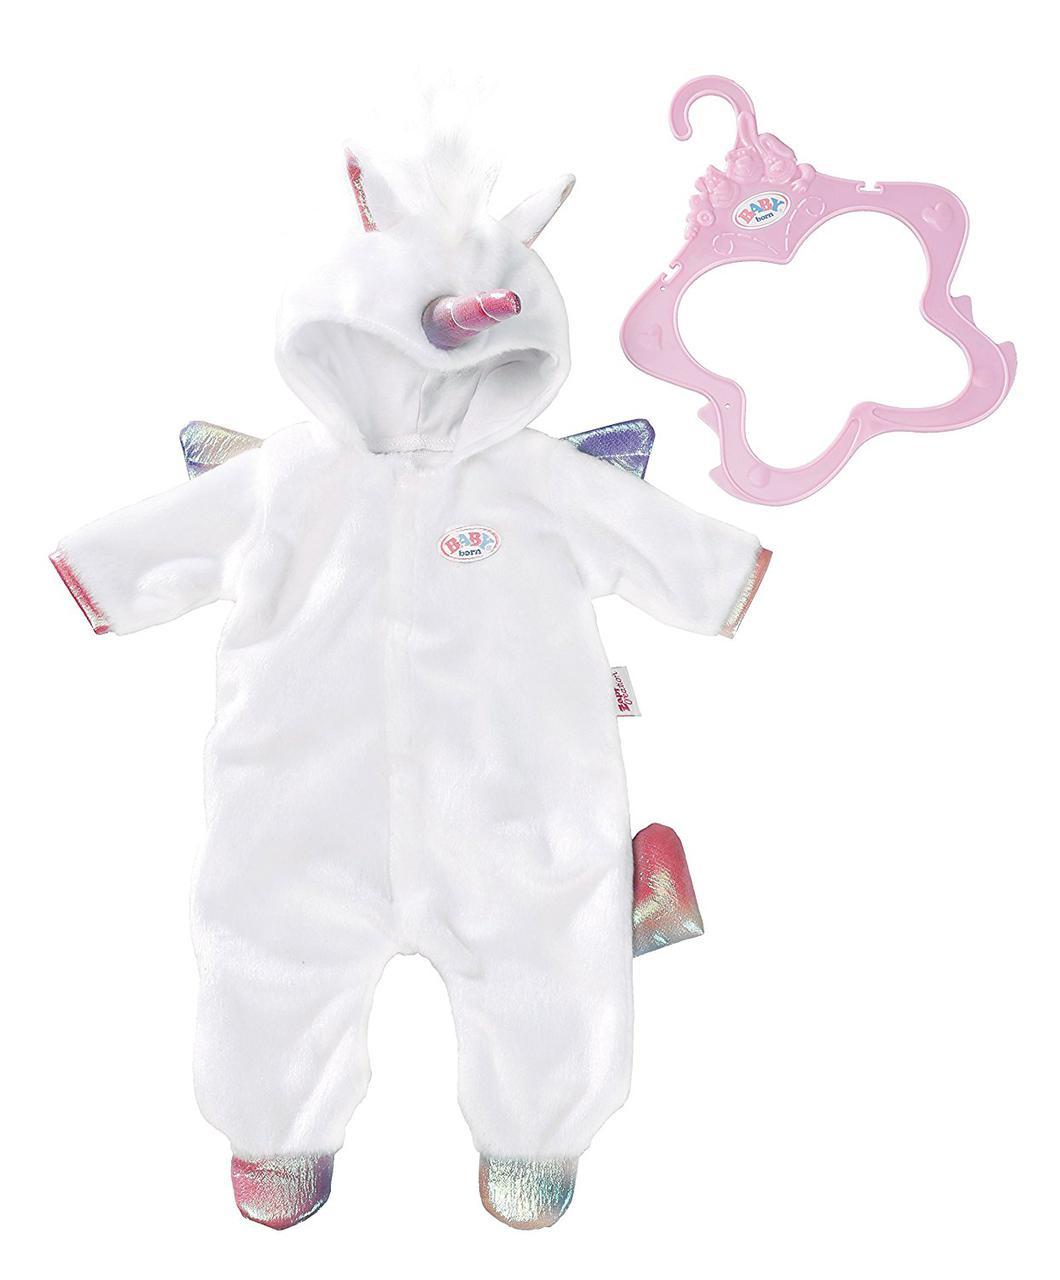 Одежда для кукол Беби Борн костюм единорога Baby Born Zapf Creation 824955  - LIZZItoys интернет- 5c80ef2e1a475